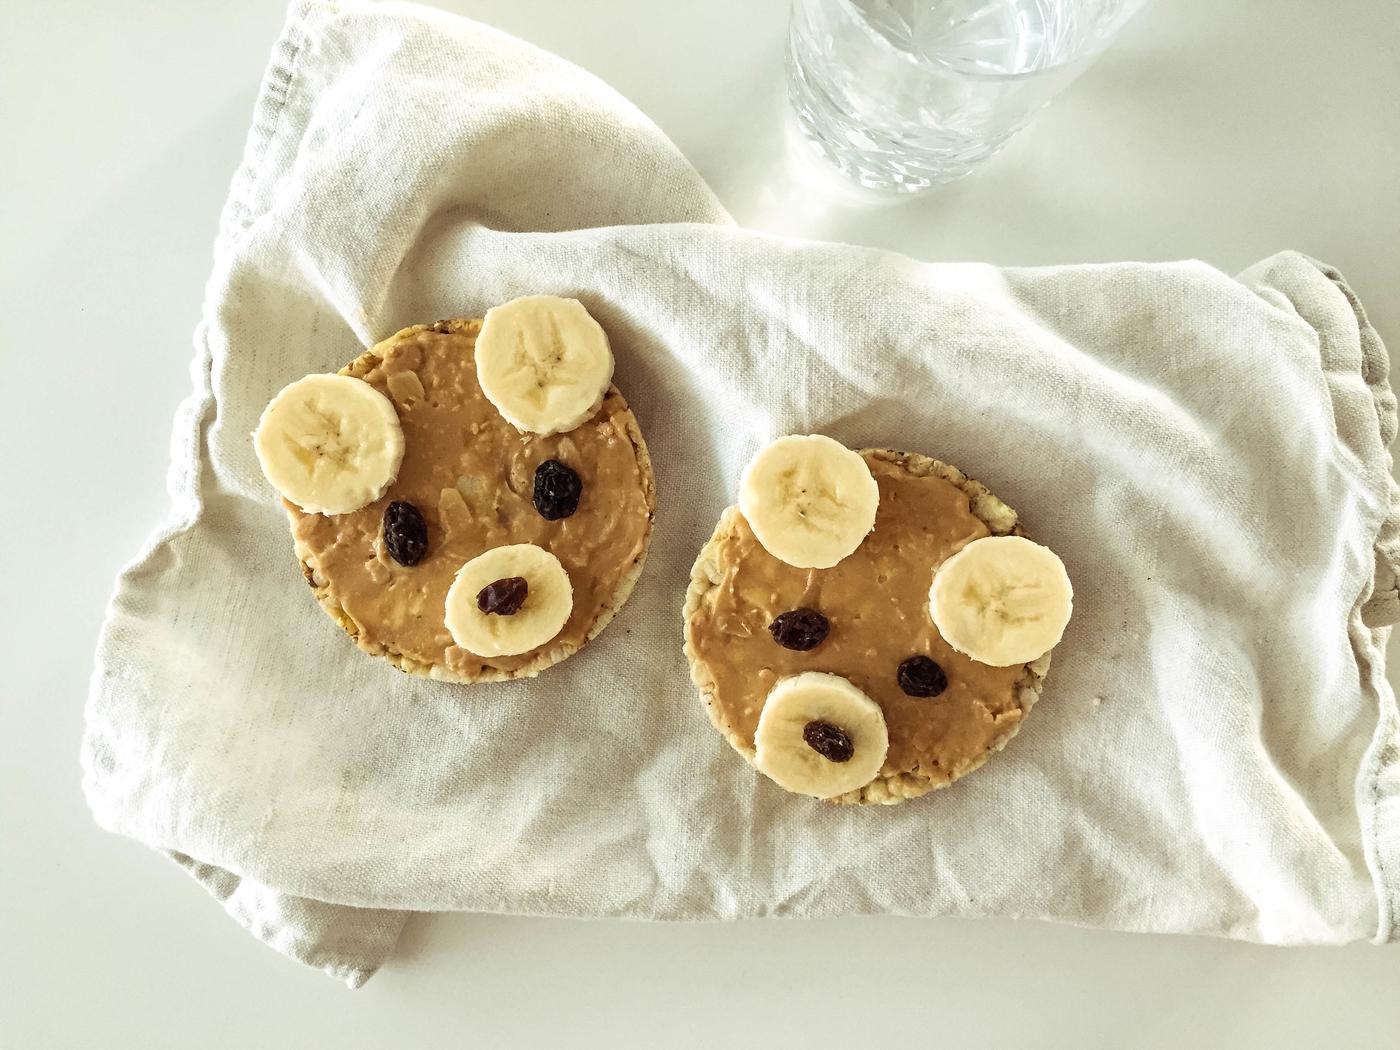 Lapset ja terveellisen ruokavalion periaatteet